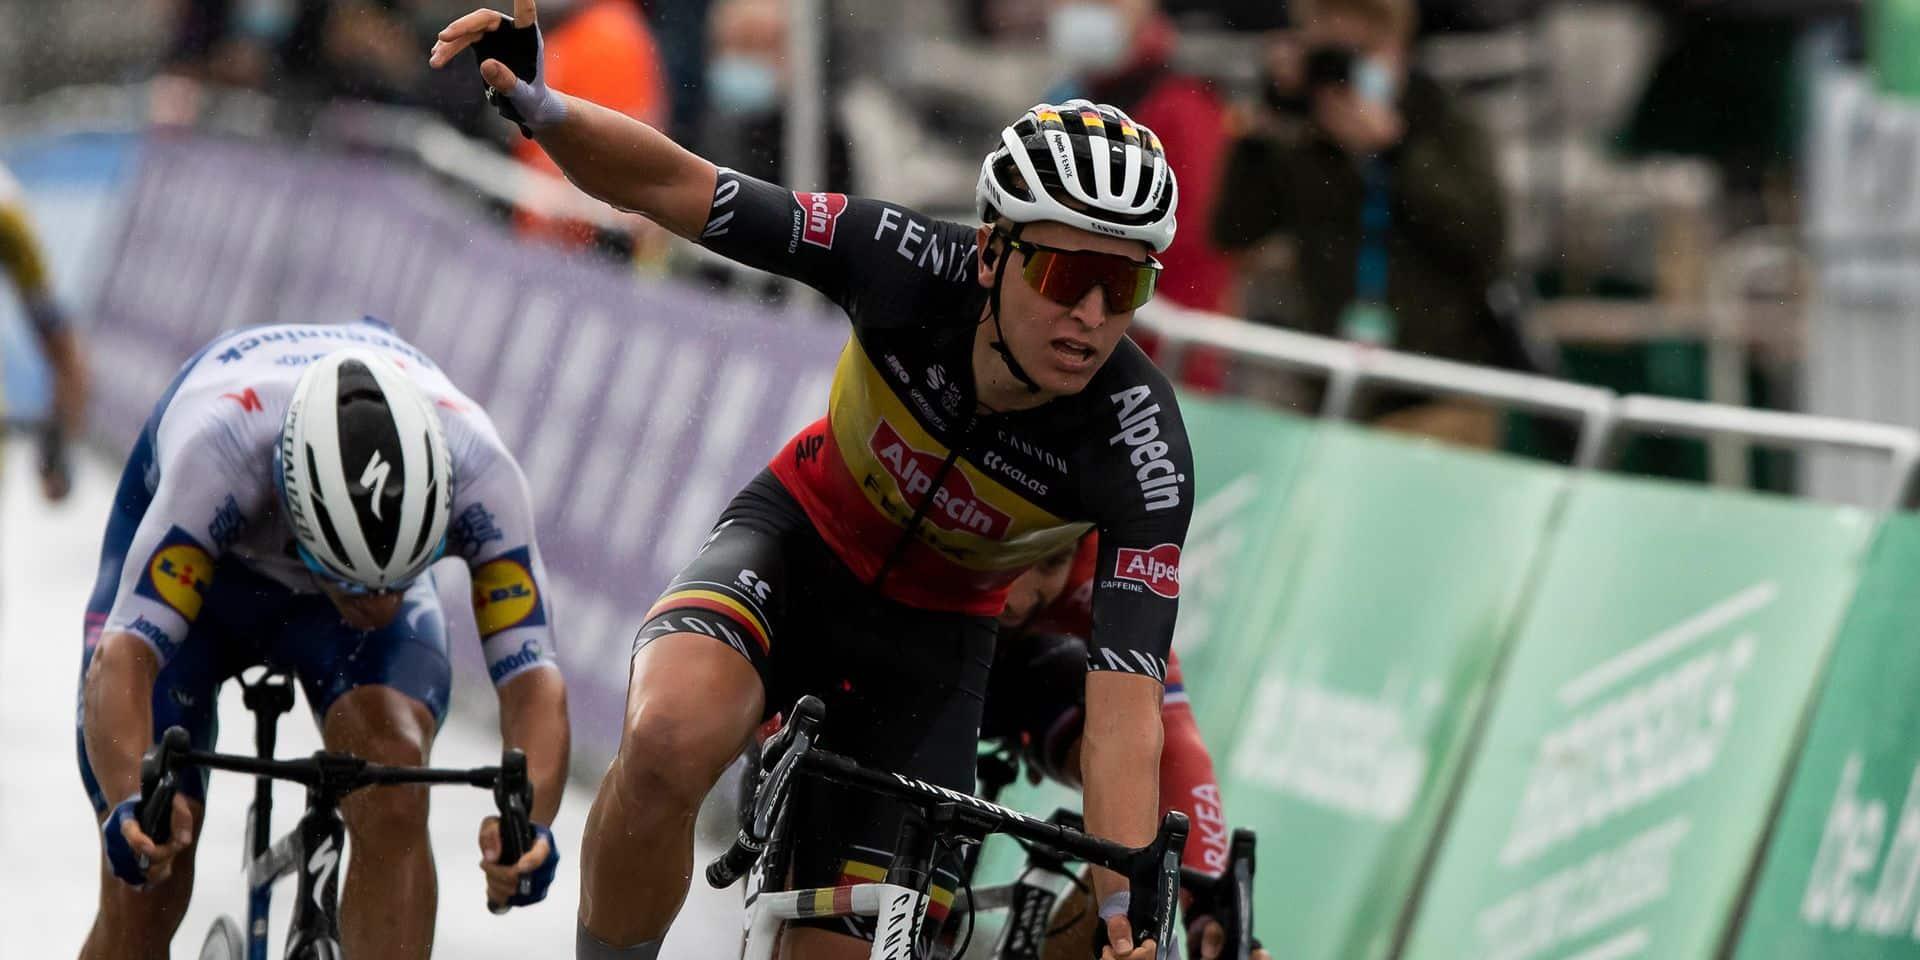 """Merlier après sa victoire au Brussels Cycling Classic : """"Heureux de pouvoir gagner à nouveau"""" (VIDEO)"""